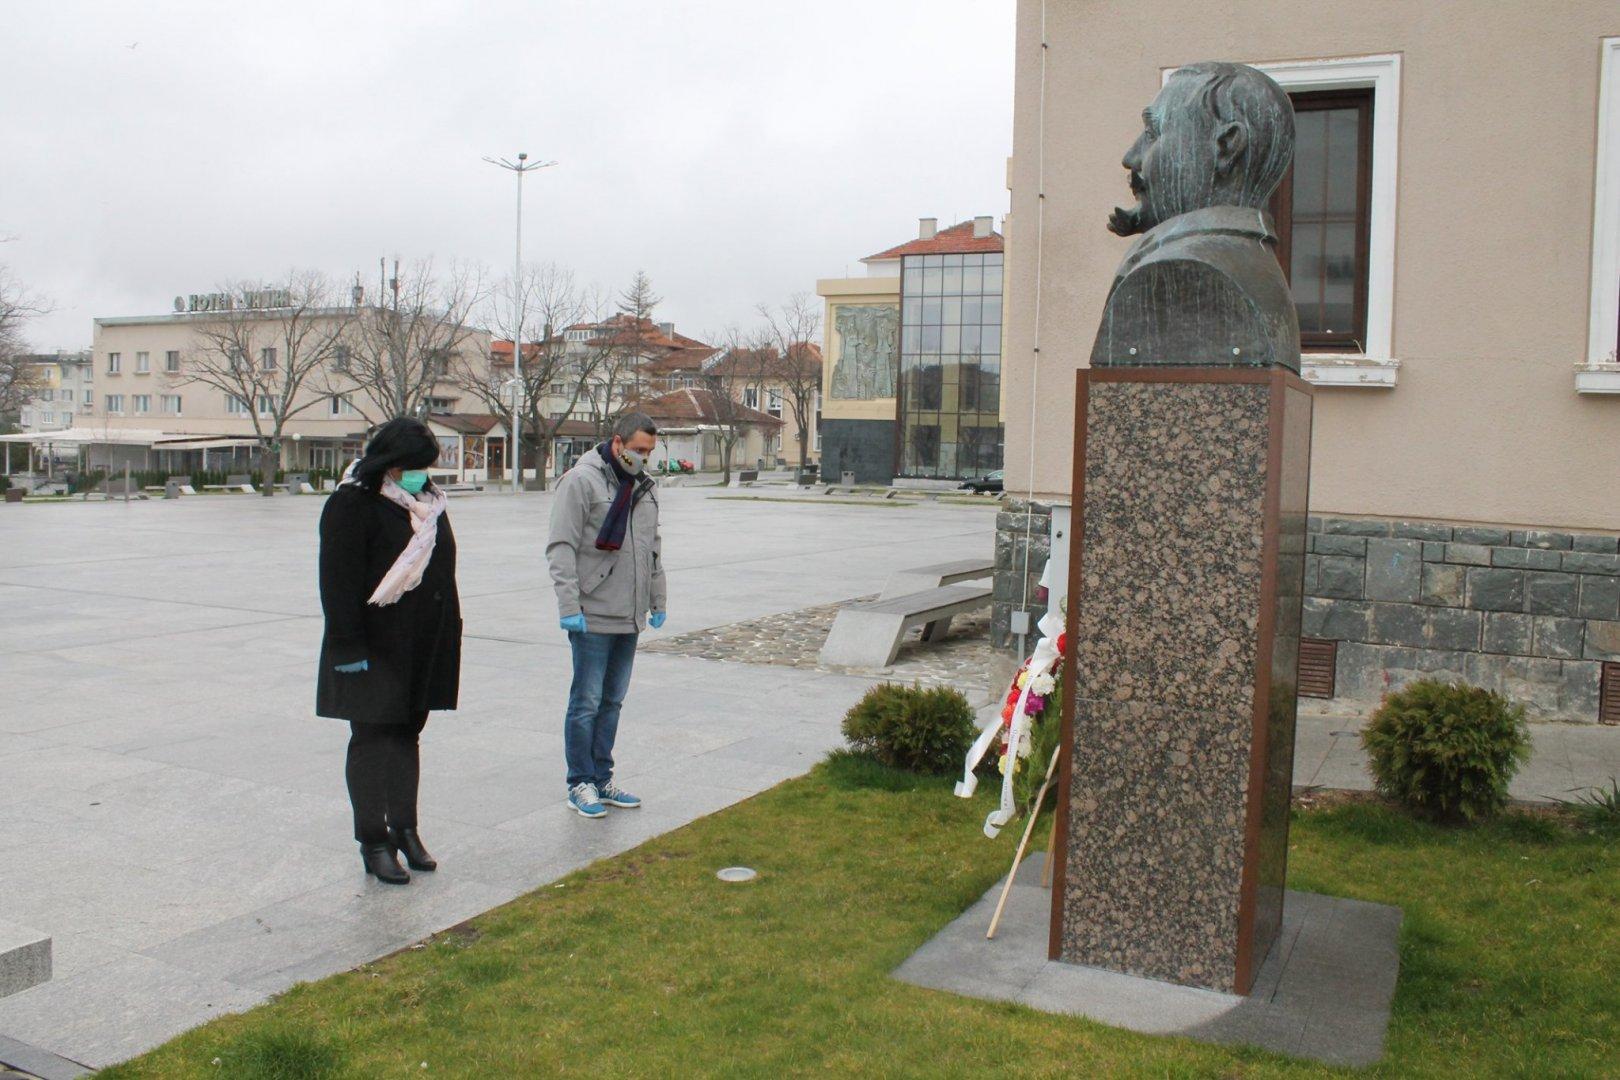 Председателят на Общински съвет в Царево - Таня Янчева и кметът на Царево Георги Лапчев поставиха венец пред паметника на Георги Кондолов. Снимка Община Царево